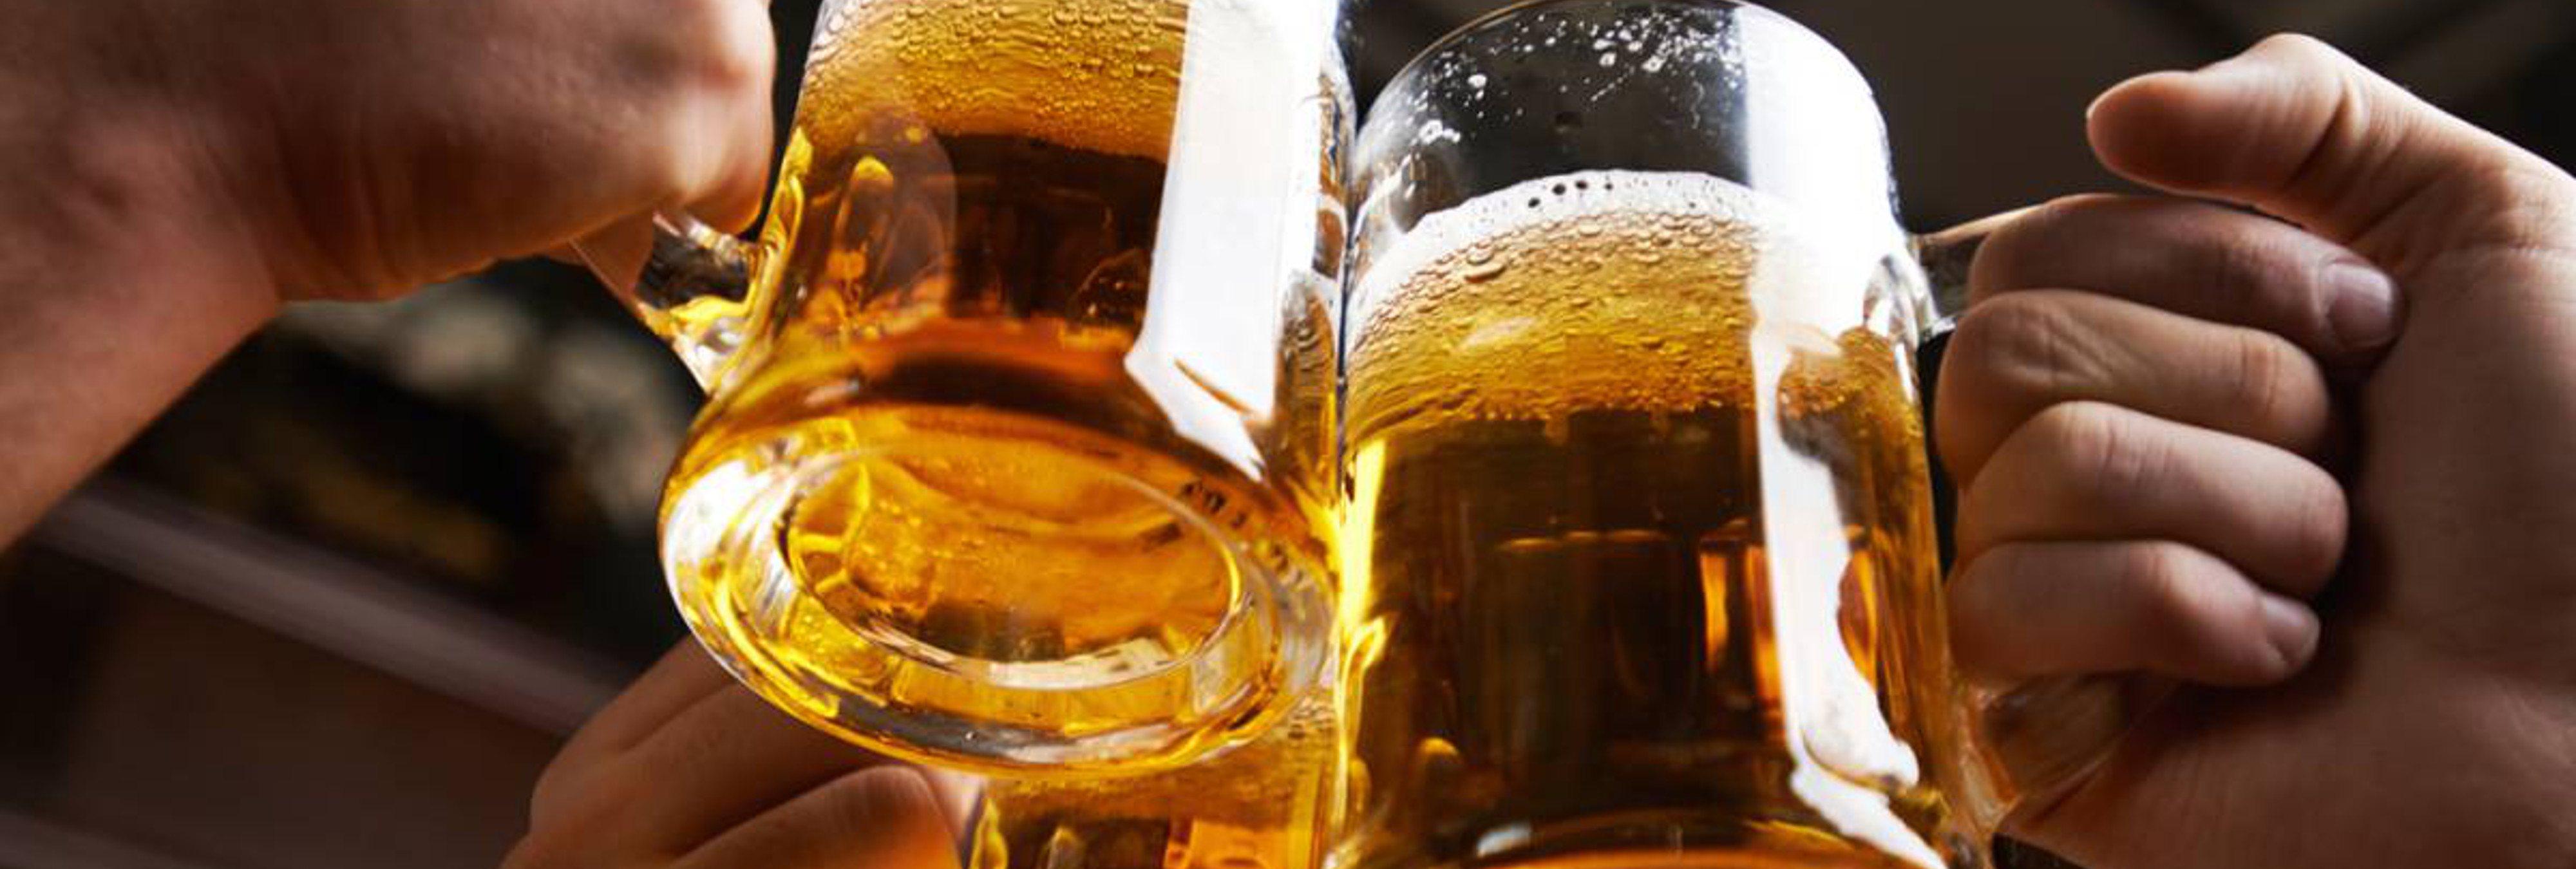 La cerveza podría desaparecer como consecuencia del cambio climático